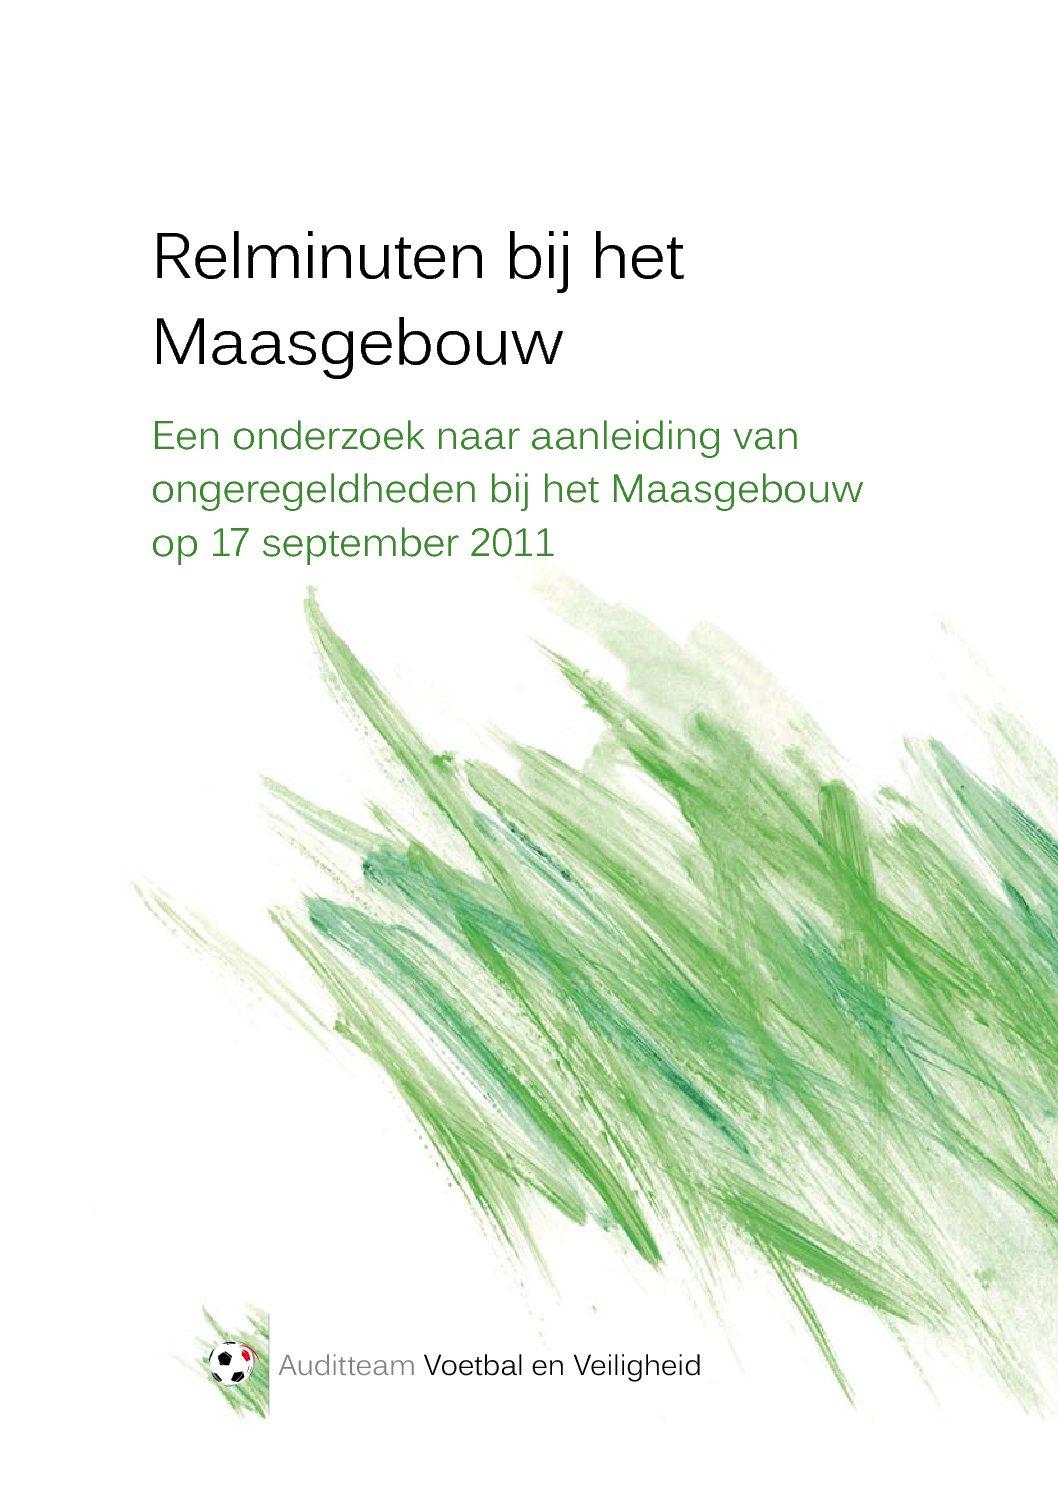 Relminuten bij het Maasgebouw: Een onderzoek naar aanleiding van ongeregeldheden bij het Maasgebouw op 17 september 2011, 2012.